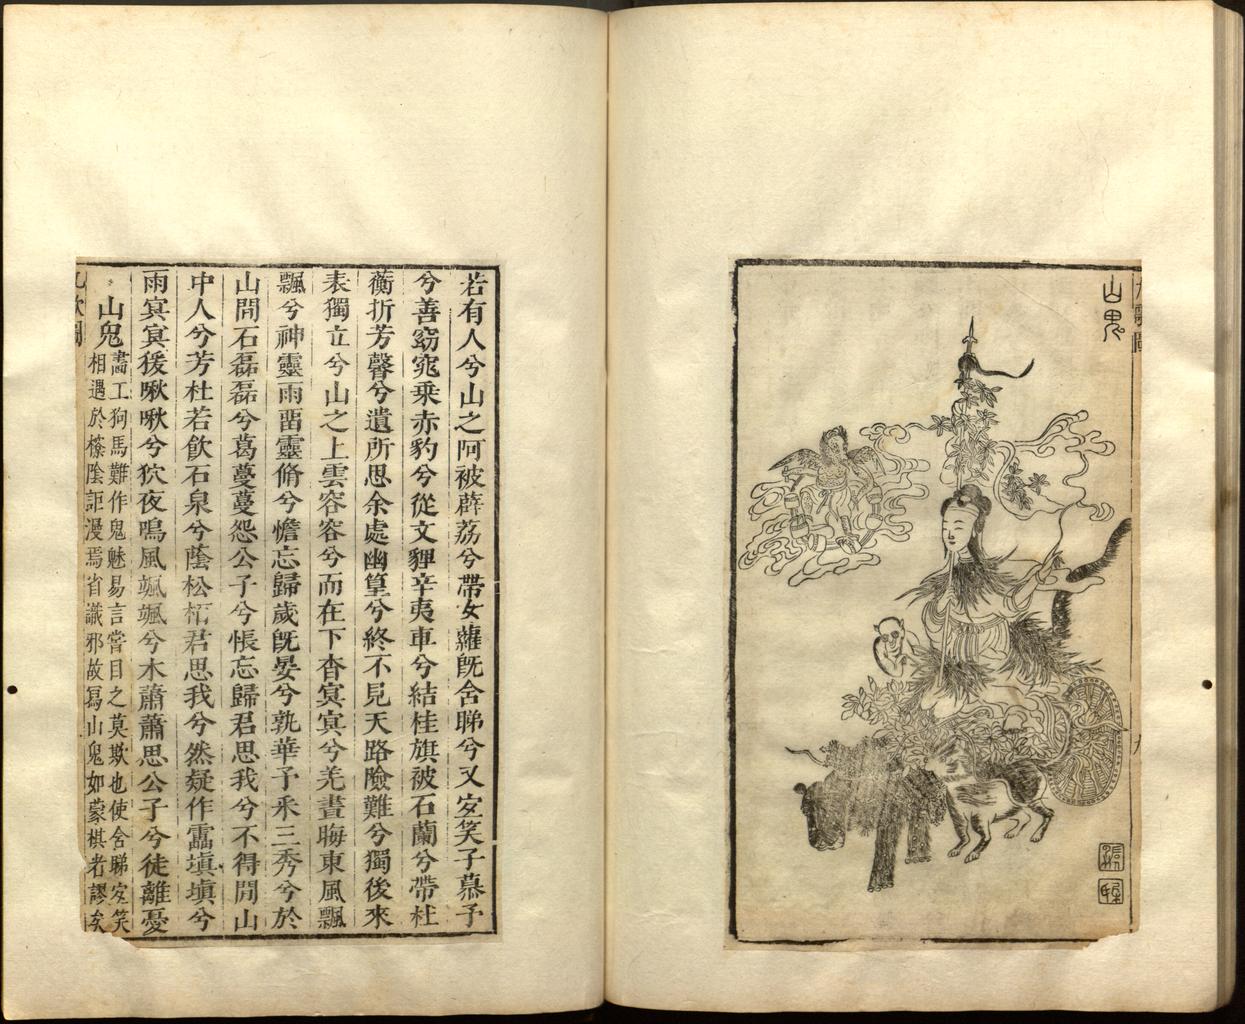 L'esprit des montagnes. Li sao de Qu Yuan, illustré par Xiao Yuncong (1596-1673), gravé par Tang Yongxian. (crédit : wikicommons)